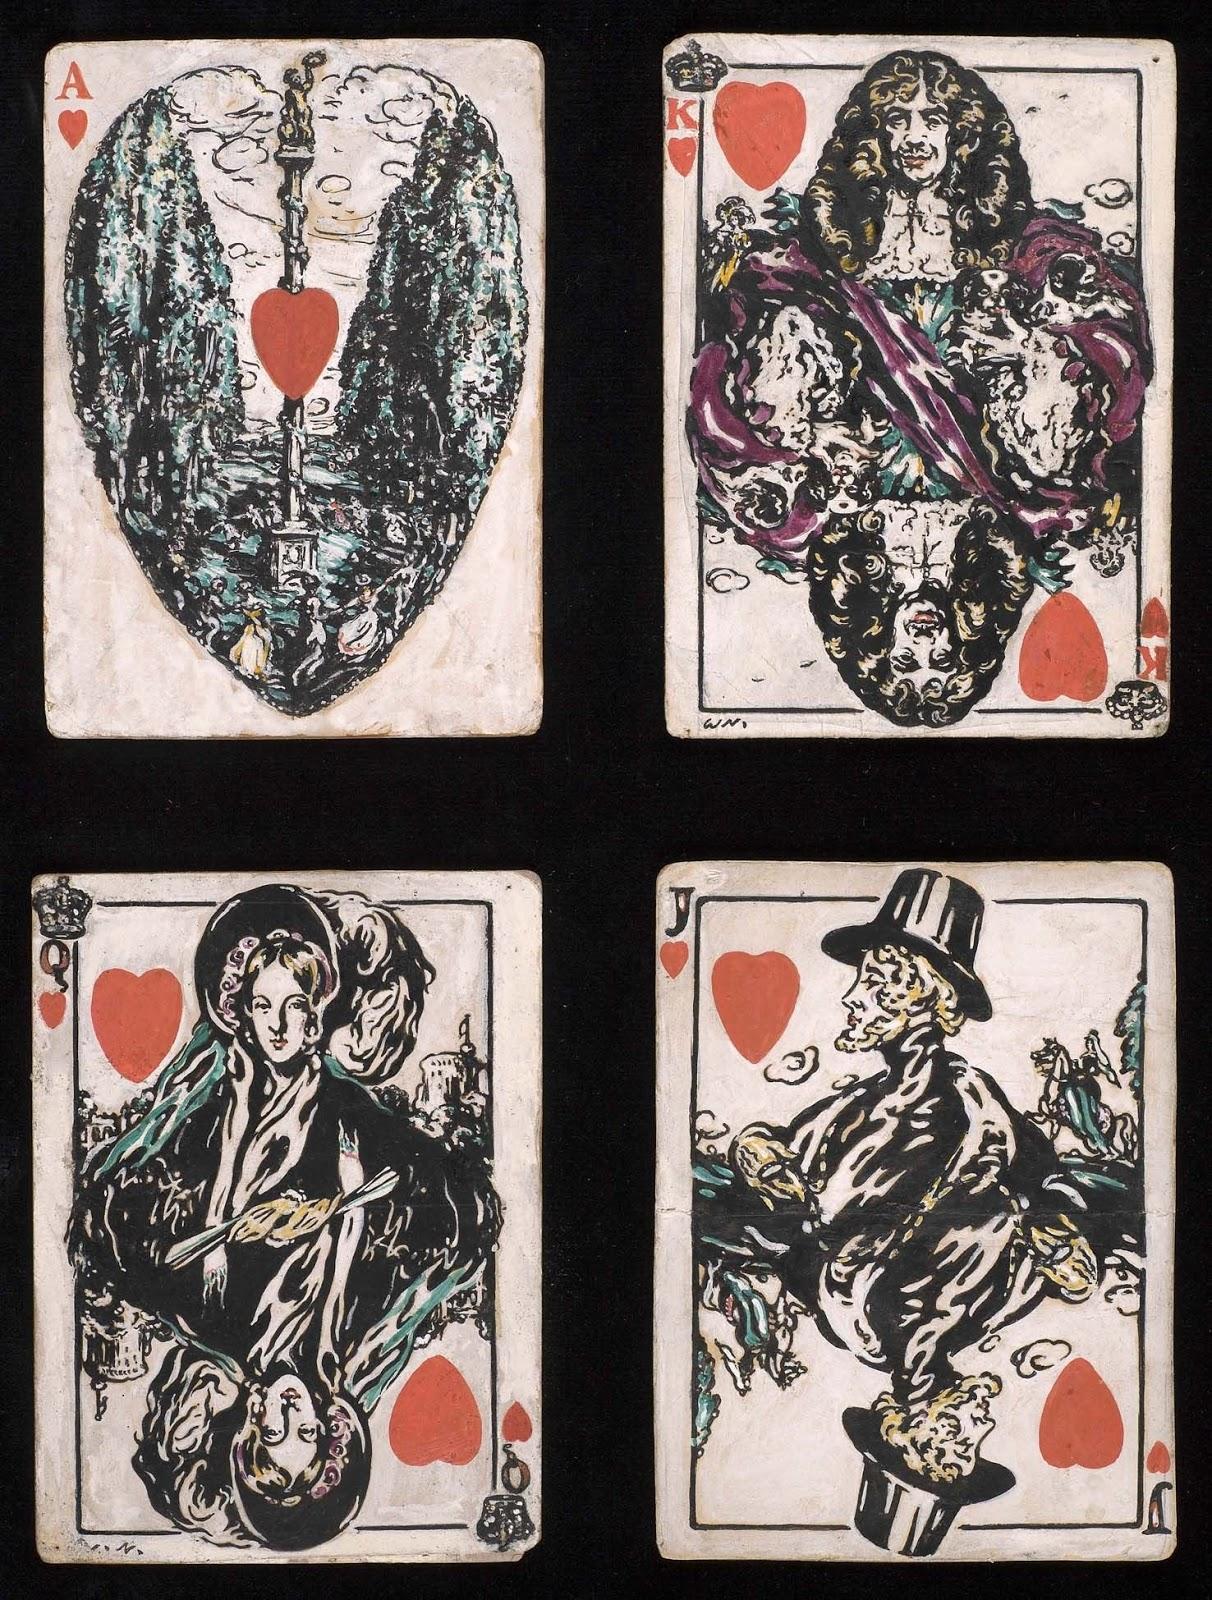 http://3.bp.blogspot.com/-wOBaHFxlMjk/UM1oxhYIueI/AAAAAAAAE70/IQ22q9UYkPE/s1600/Nicholson-Hearts.jpg